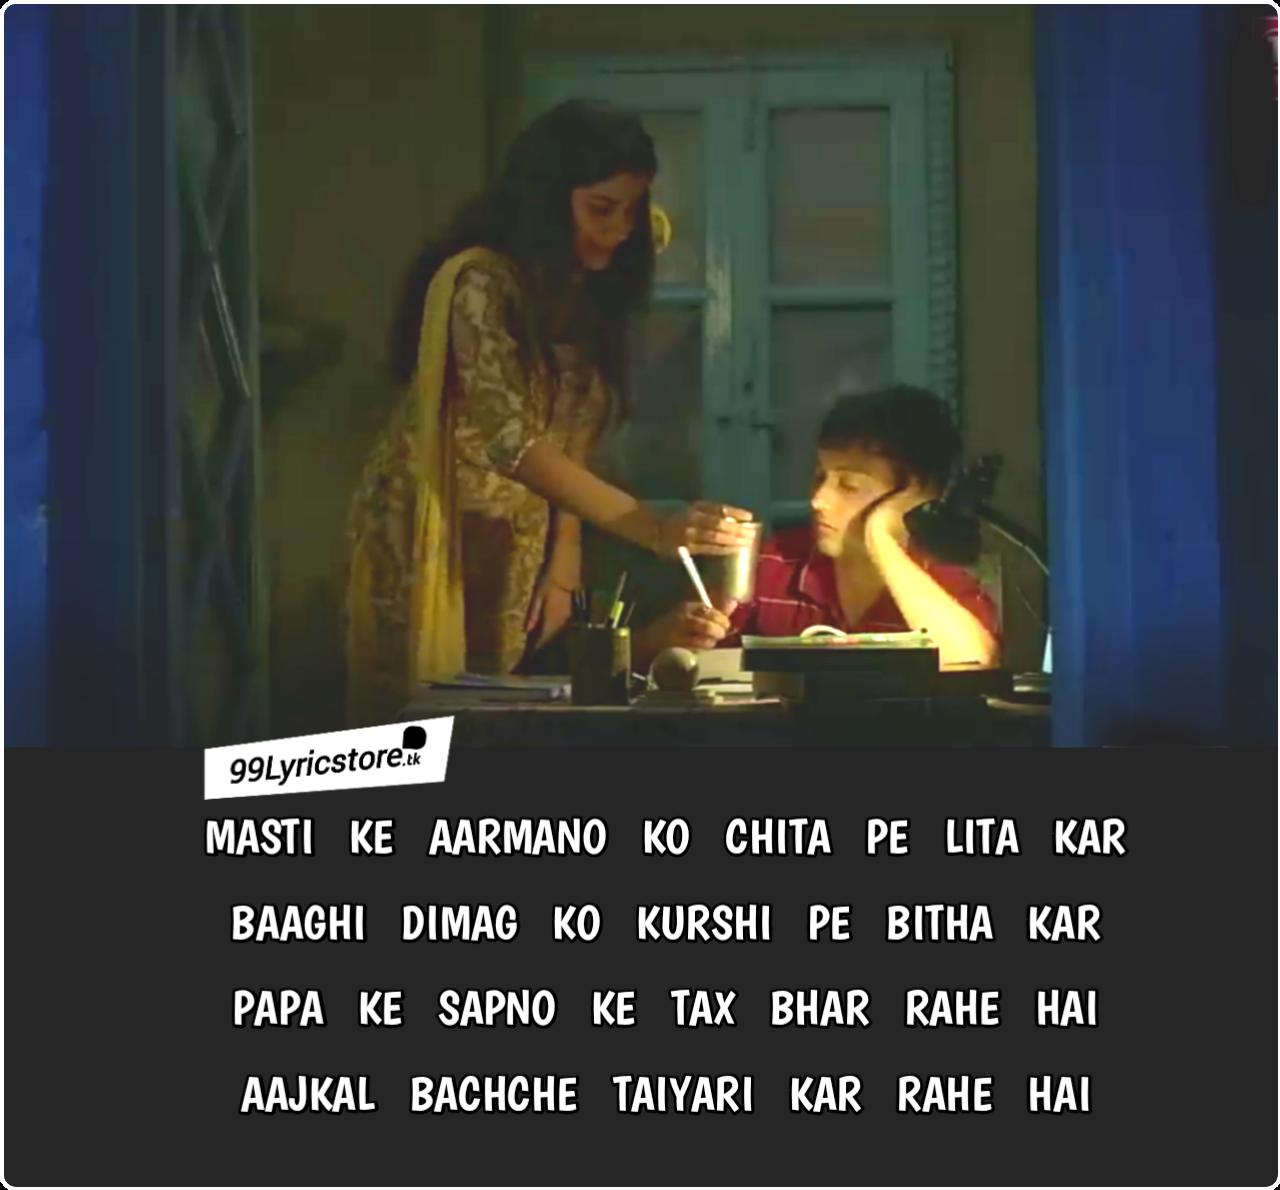 Taiyaari Lyrics , Taiyaari Lyrics Why Cheat India , Why Cheat India Movie Song Taiyaari Lyrics , New Songs Lyrics 2019 , Emraan Hashmi Movie Why Cheat India Songs Lyrics, Why Cheat India Songs Images , Taiyaari Song Images